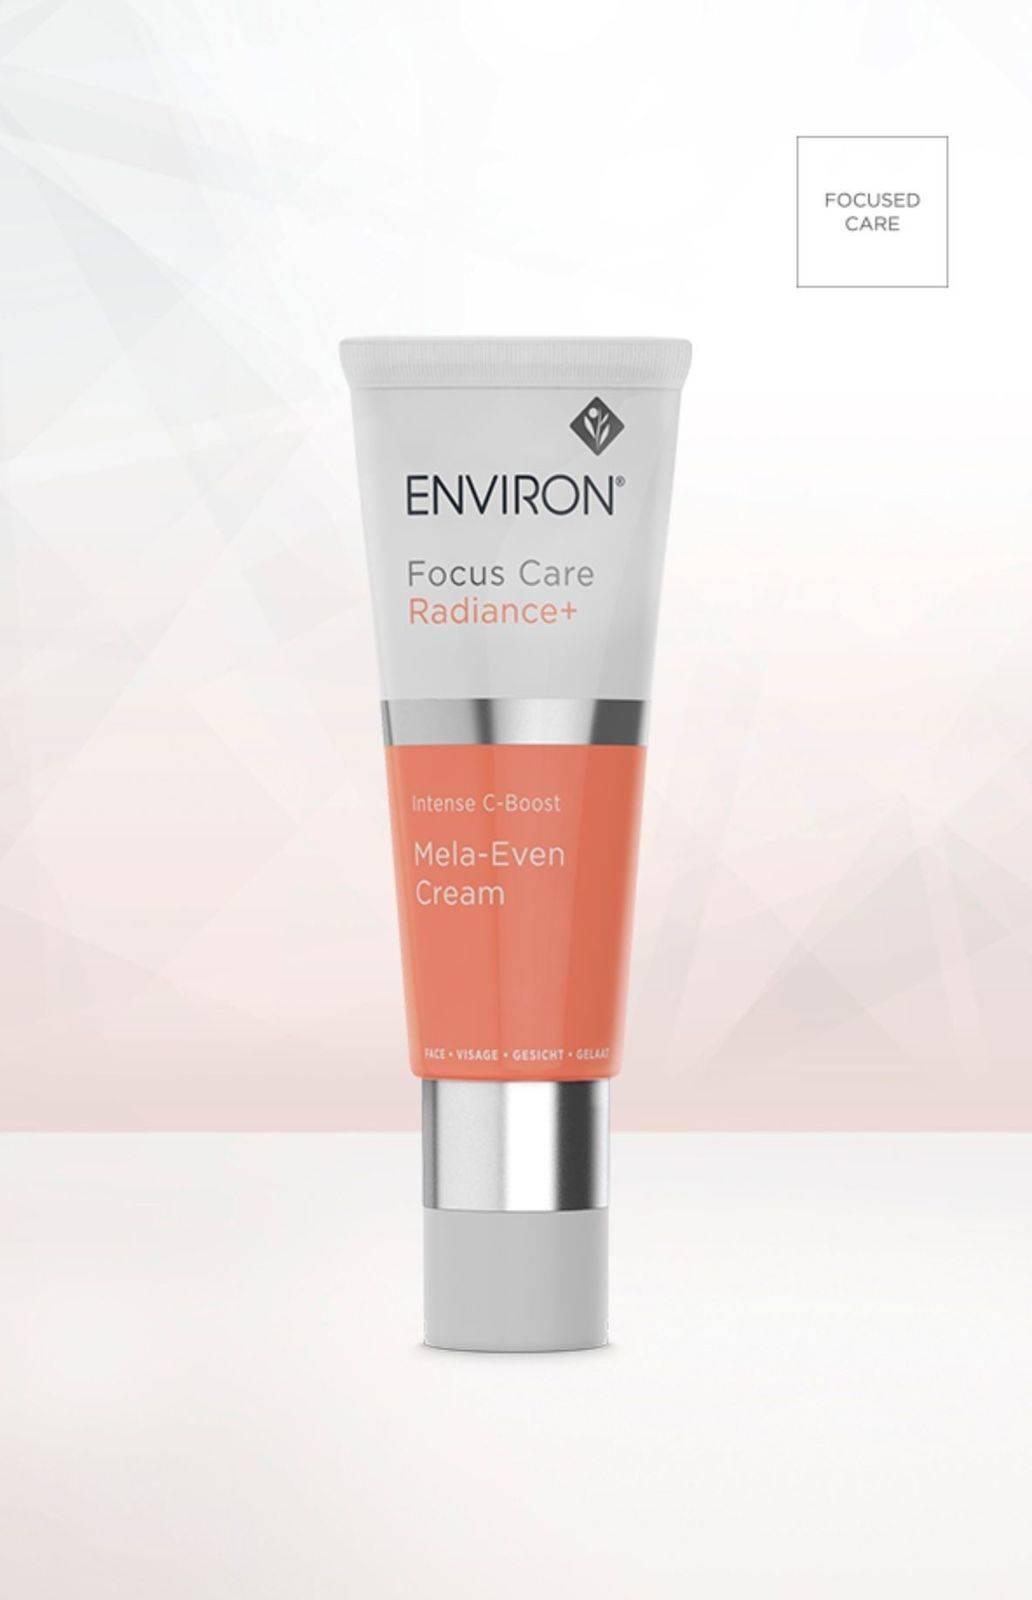 Focus Care Radiance+ Intense C-Boost Mela-Even Cream